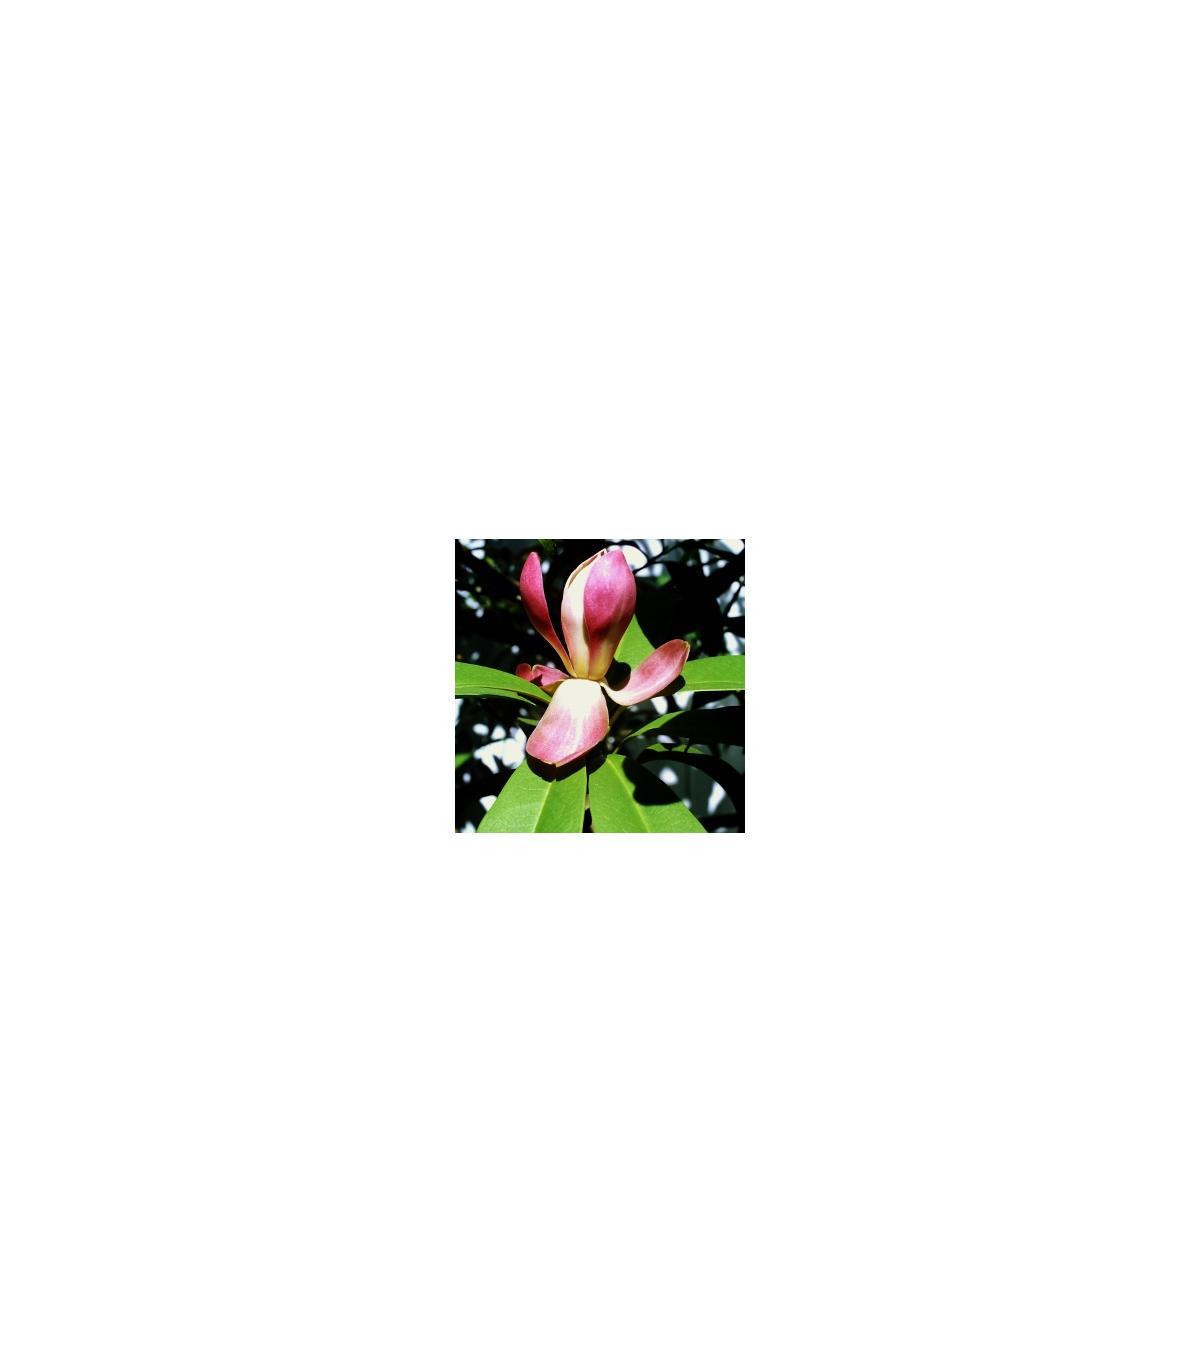 Magnólie insignis - semena magnólie - Maglietia insignis - 5 ks